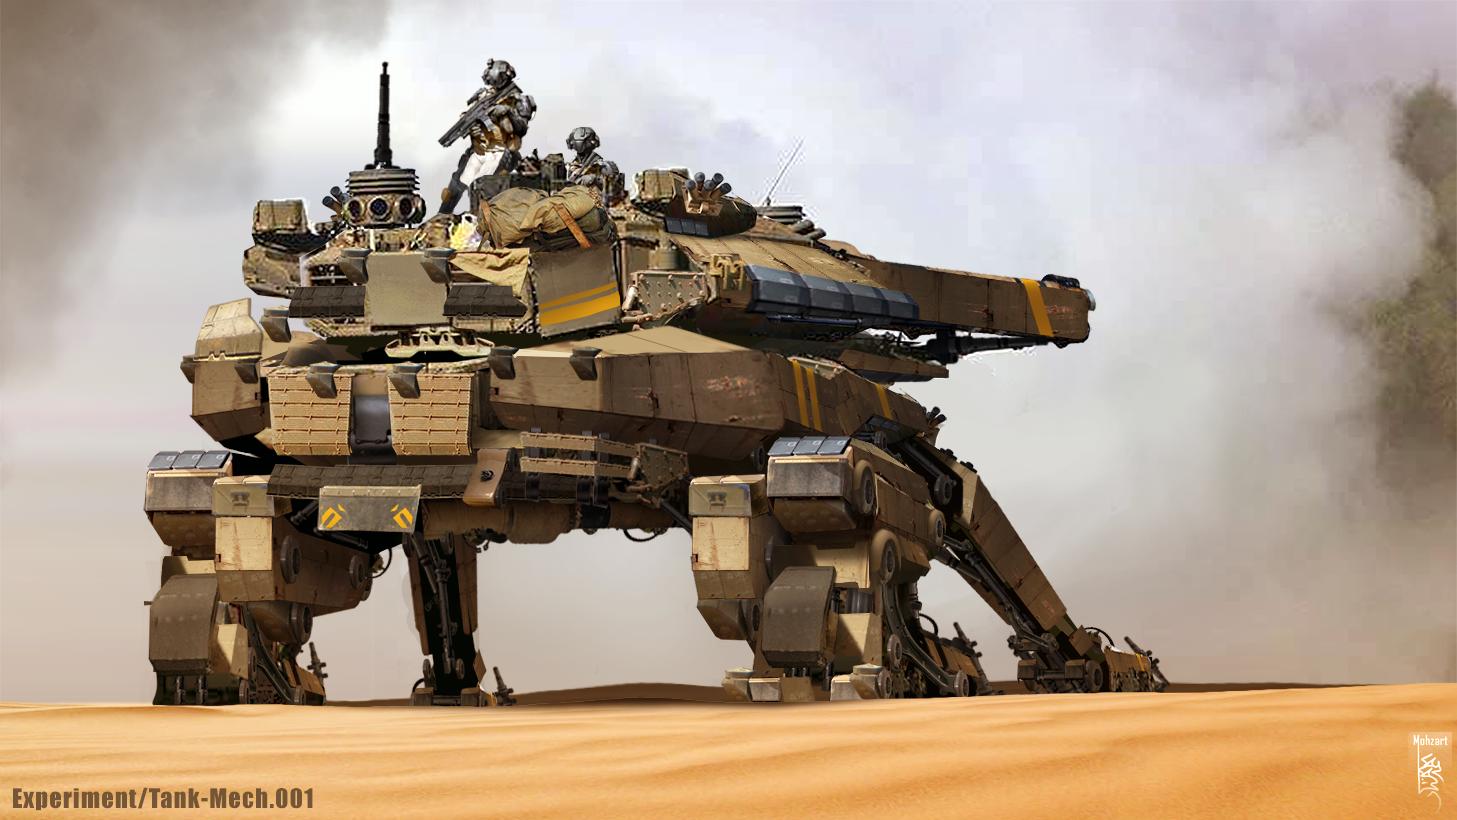 Tank Mech Experiment001 By Mohzart